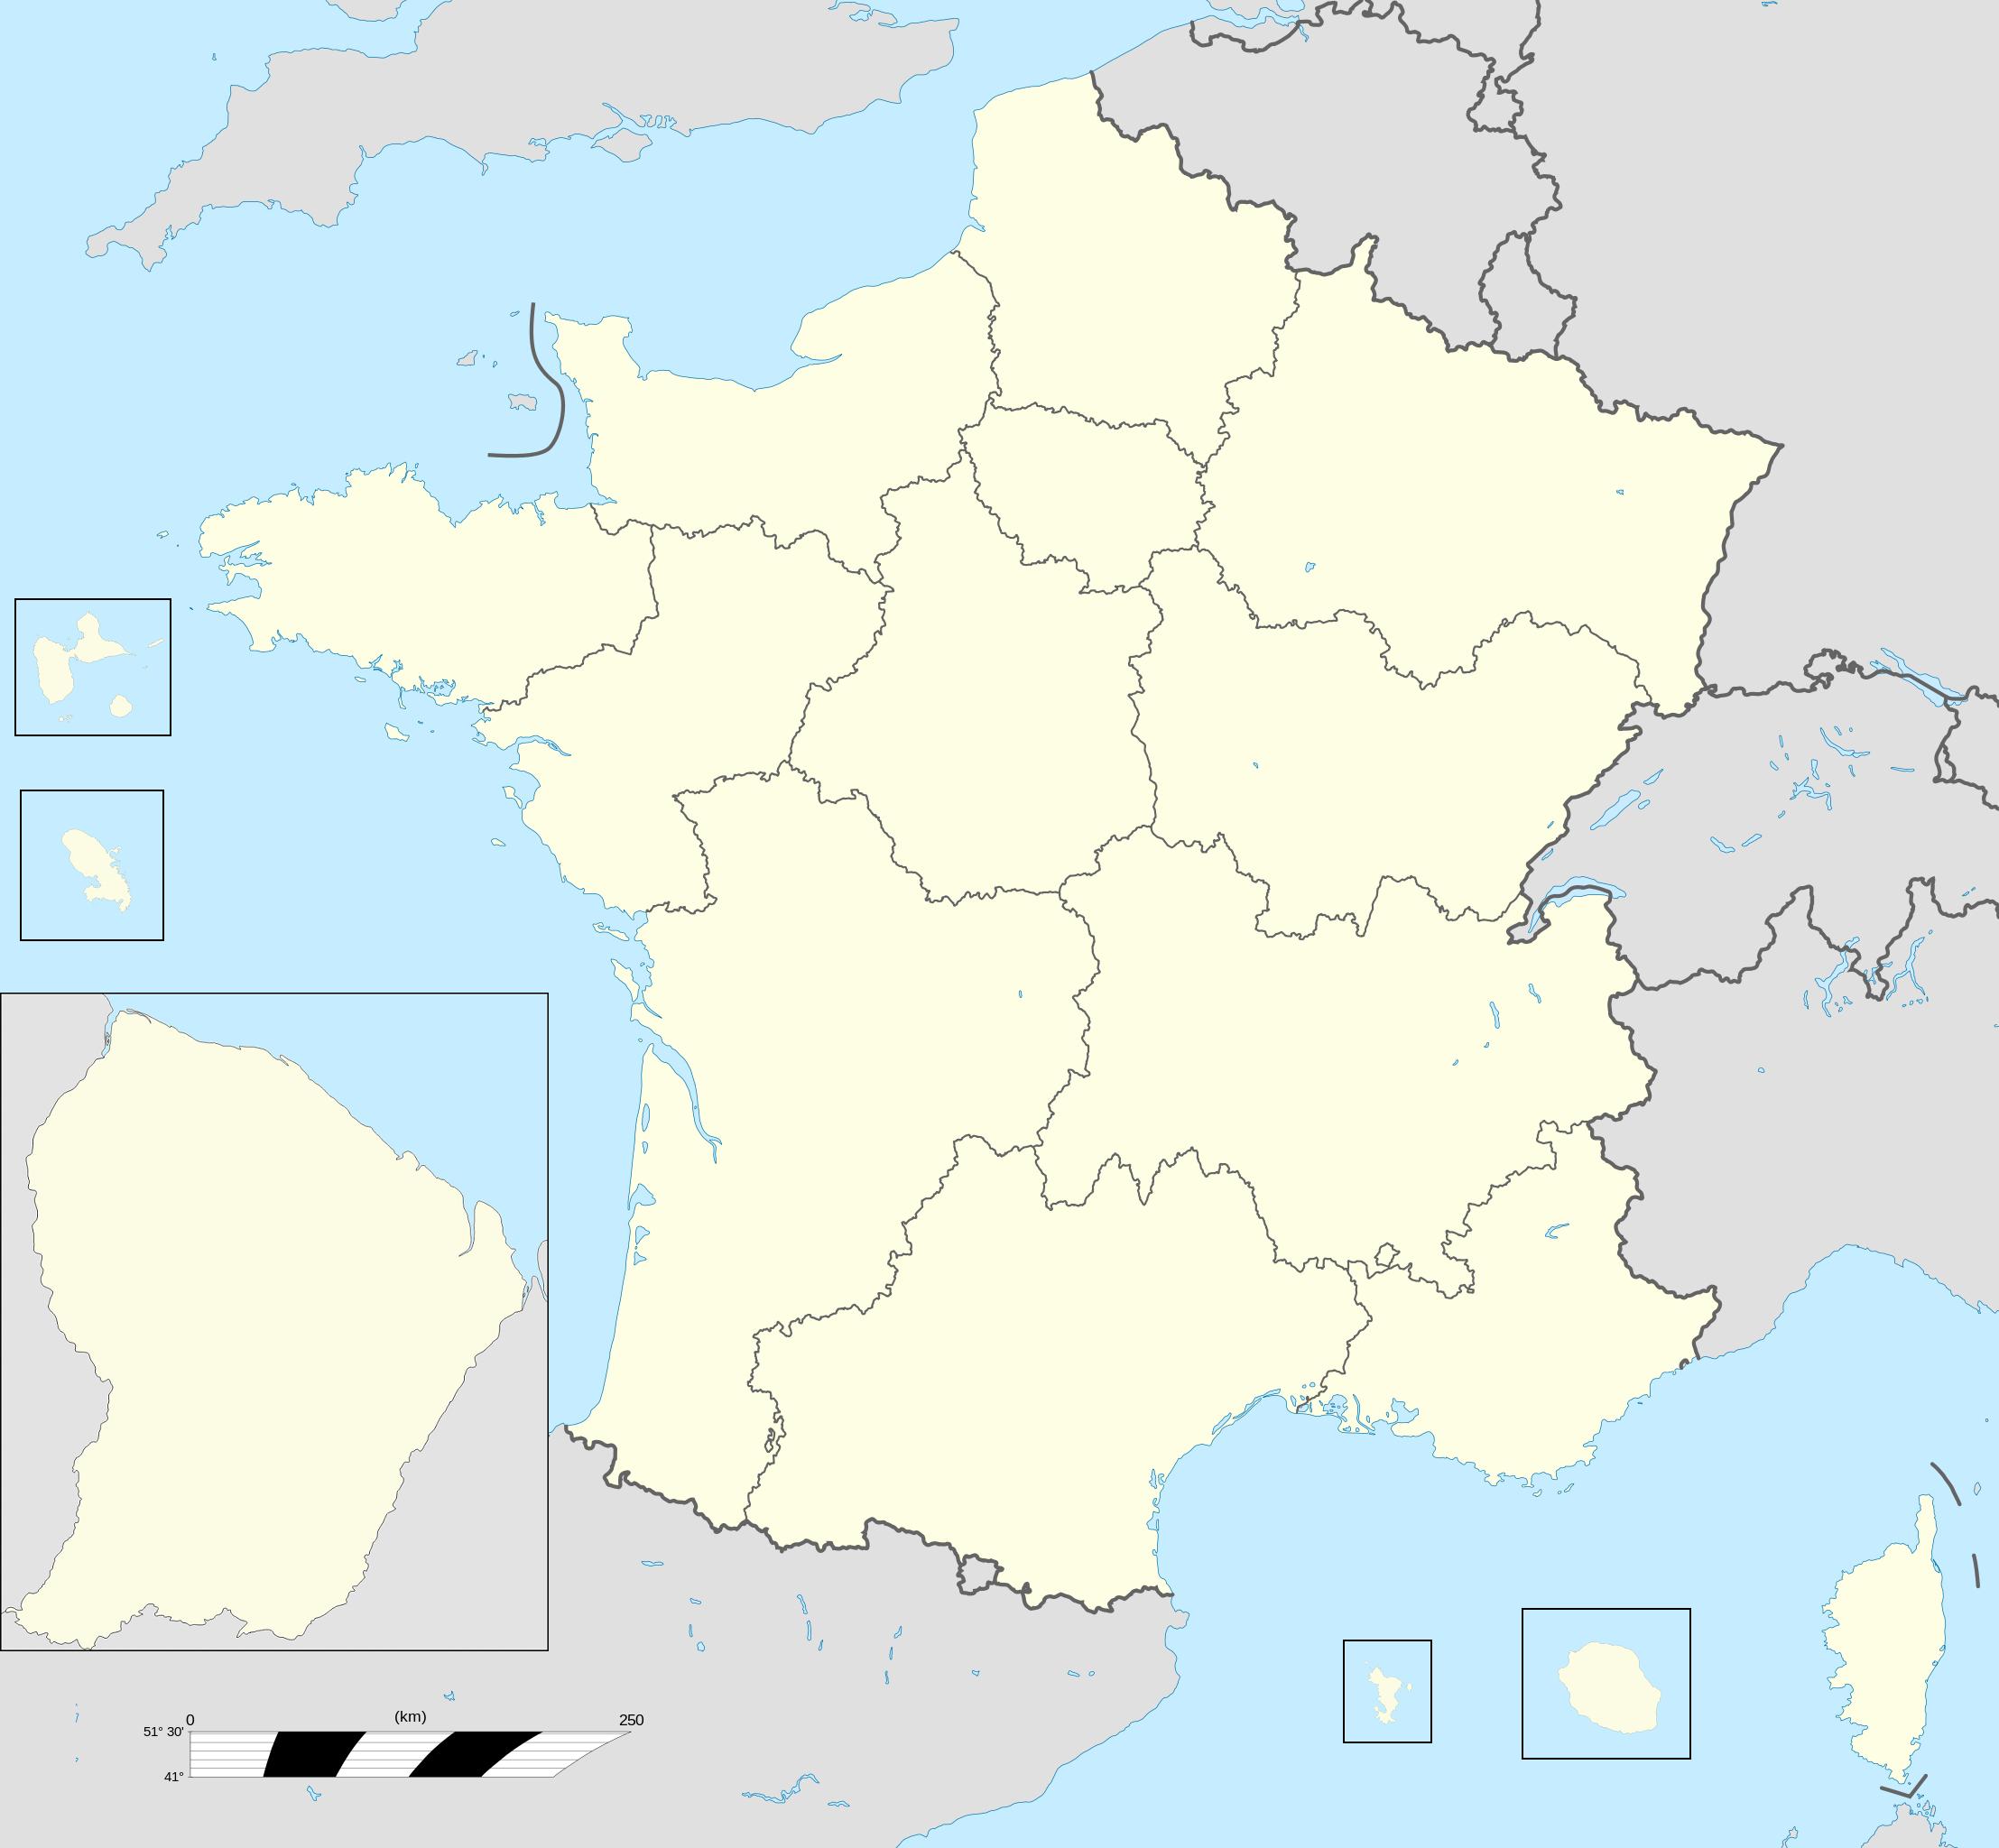 Fransa'nın Bölgeleri - Vikipedi intérieur Carte Region Departement